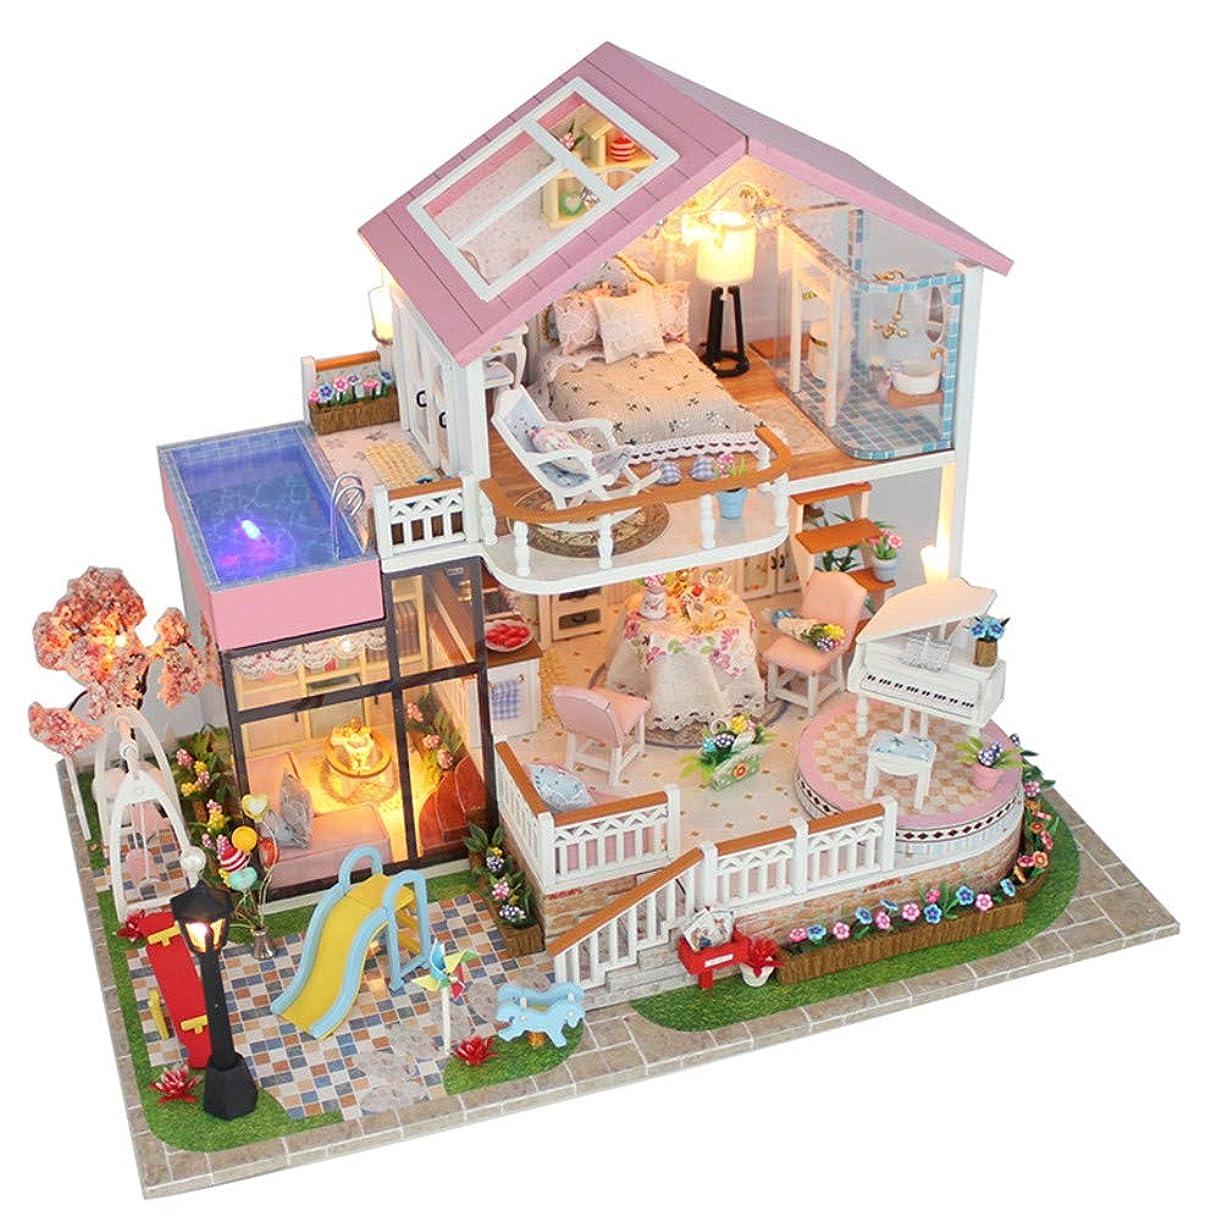 スカートボア無意味DIY ドールハウス ミニハウスリフォームdiyドールハウス手作り甘い言葉カバーなしdiyキャビンモデル大ヴィラ木のおもちゃギフト人形家で家具とアクセサリー、女の子のための教育玩具 入園祝い 新年 ギフト